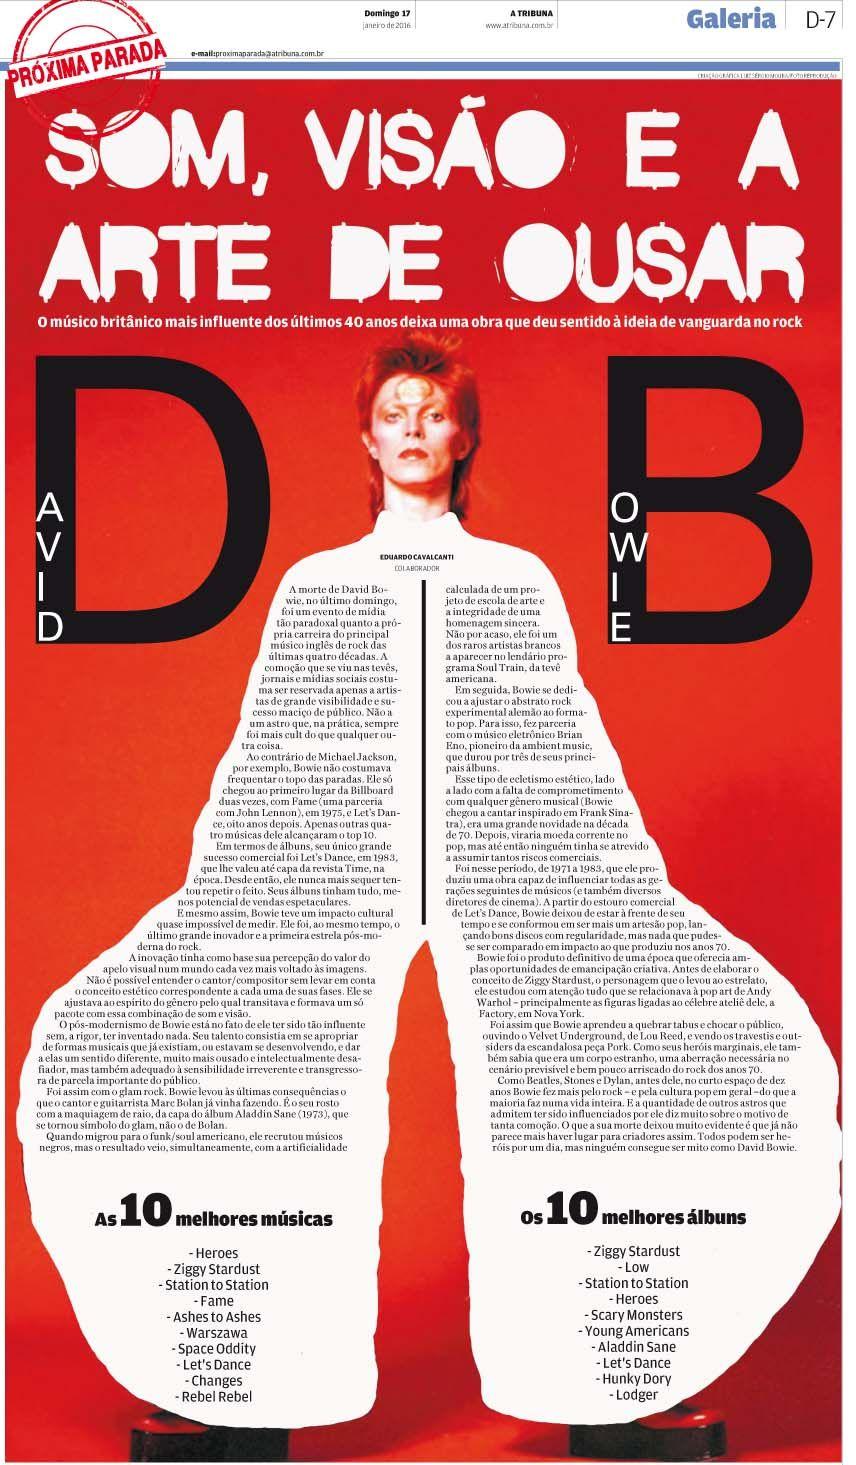 Página não publicada sobre a carreira de David Bowie